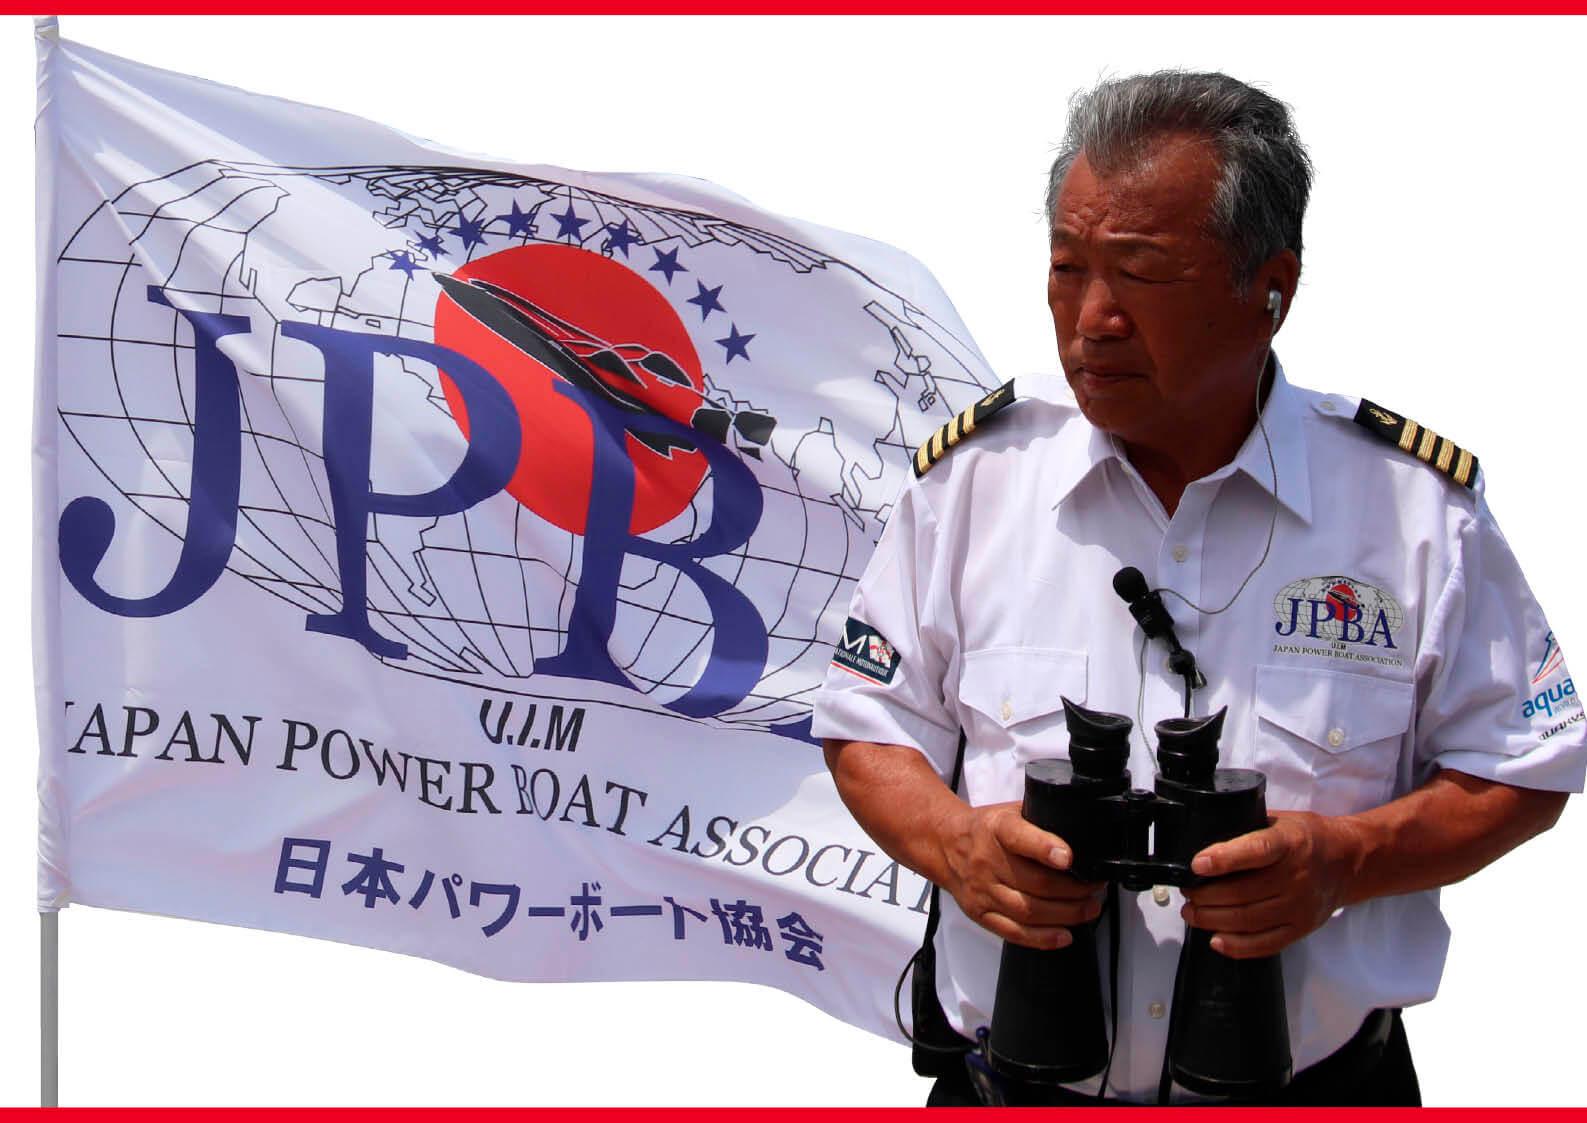 日本パワーボート協会物語 Ver.4 パワーボートのトレンドを牽引してきた小嶋松久氏  ジェットスキー(水上バイク)